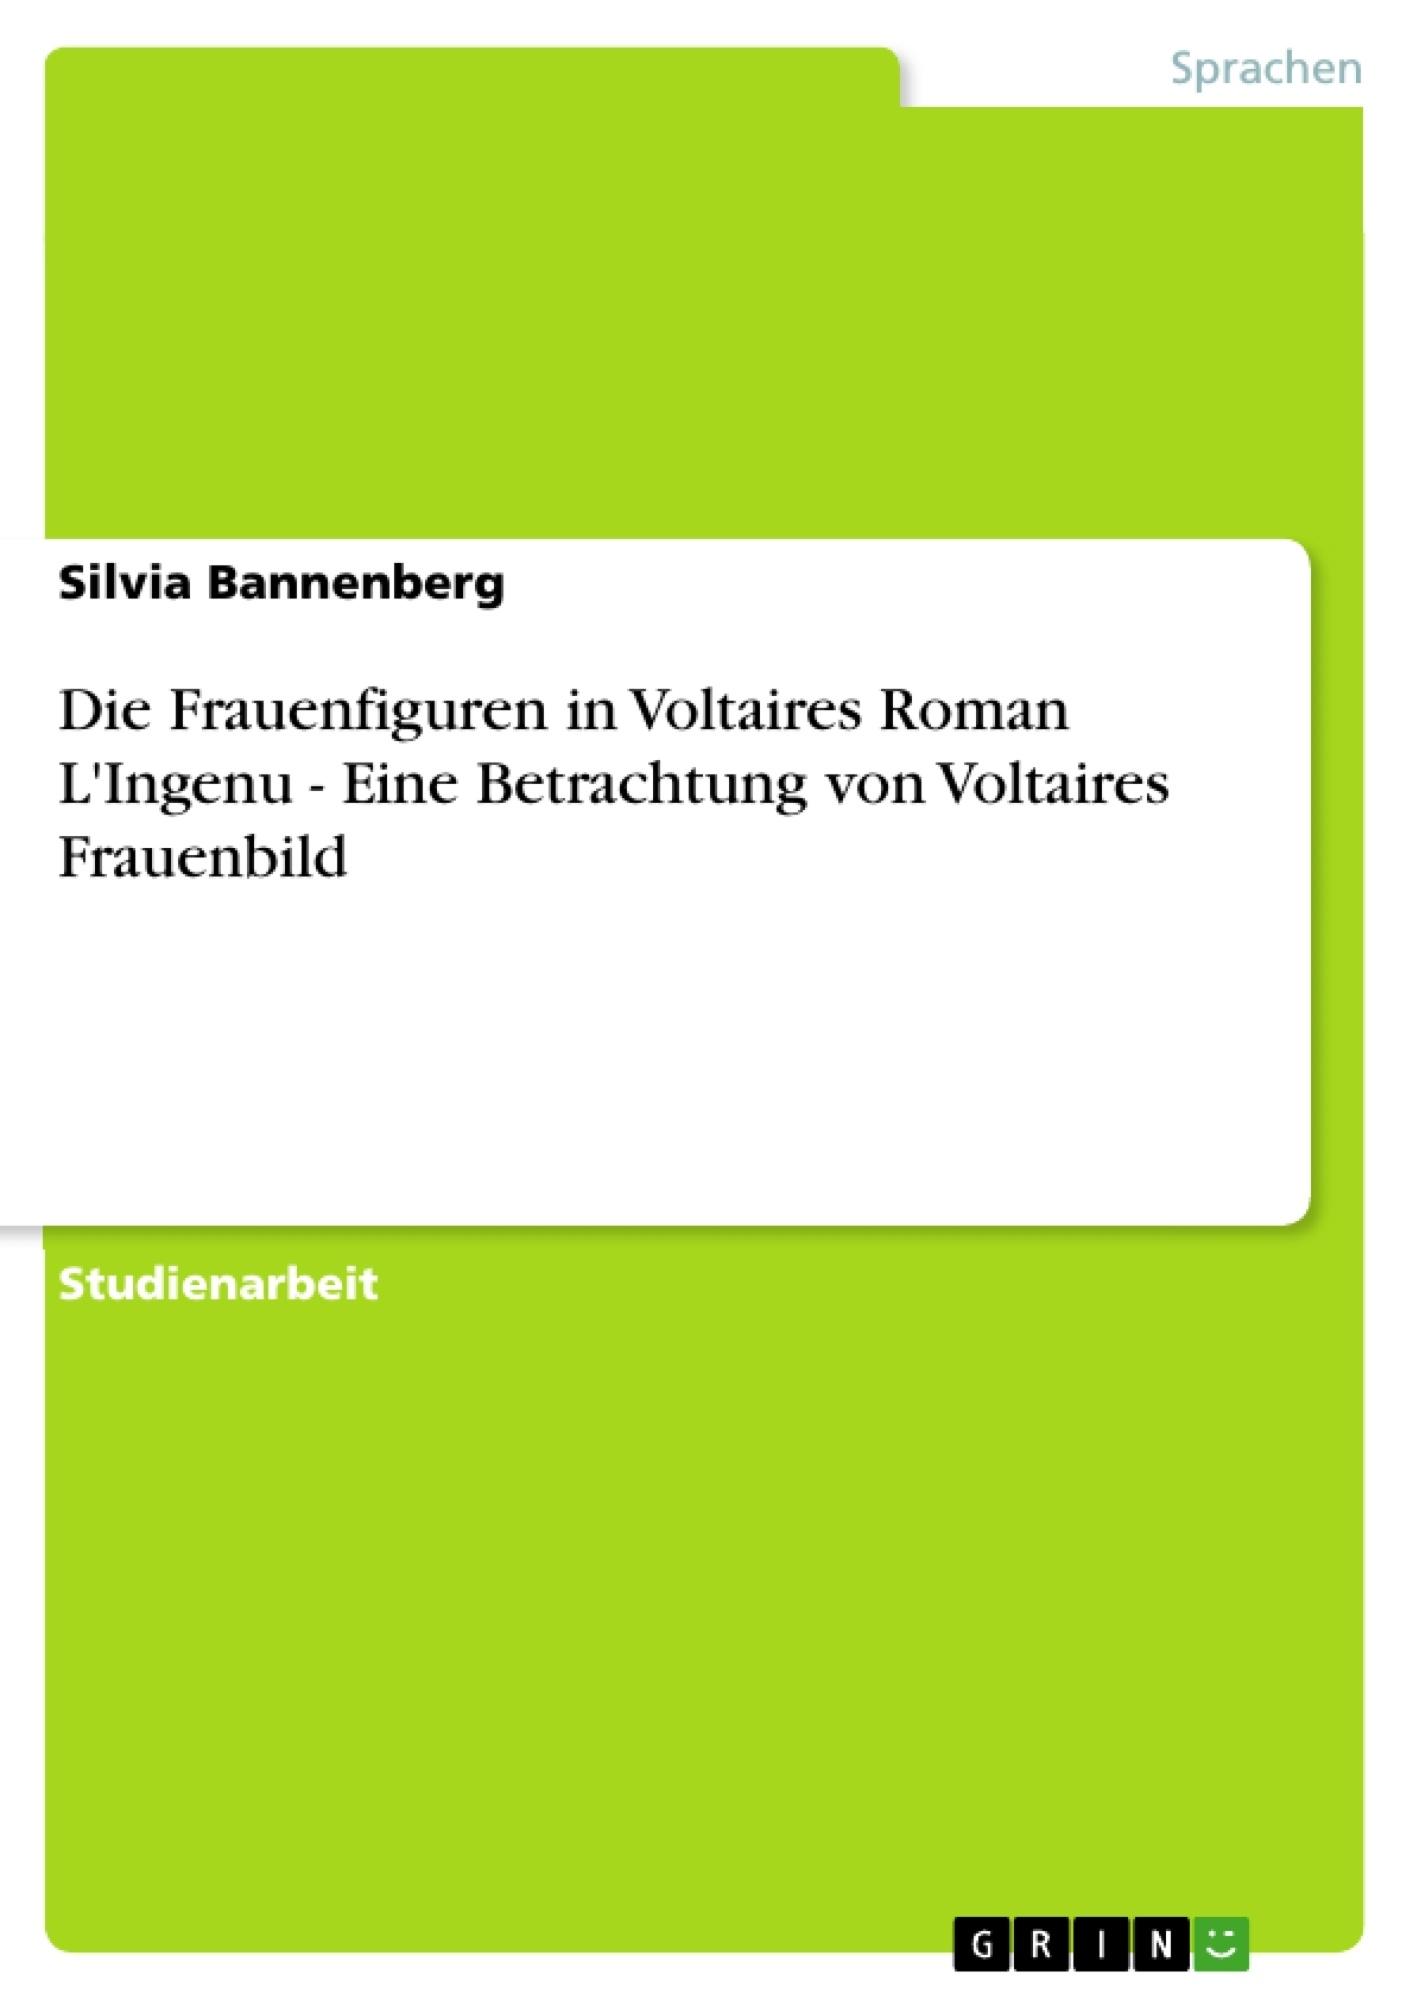 Titel: Die Frauenfiguren in Voltaires Roman L'Ingenu - Eine Betrachtung von Voltaires Frauenbild